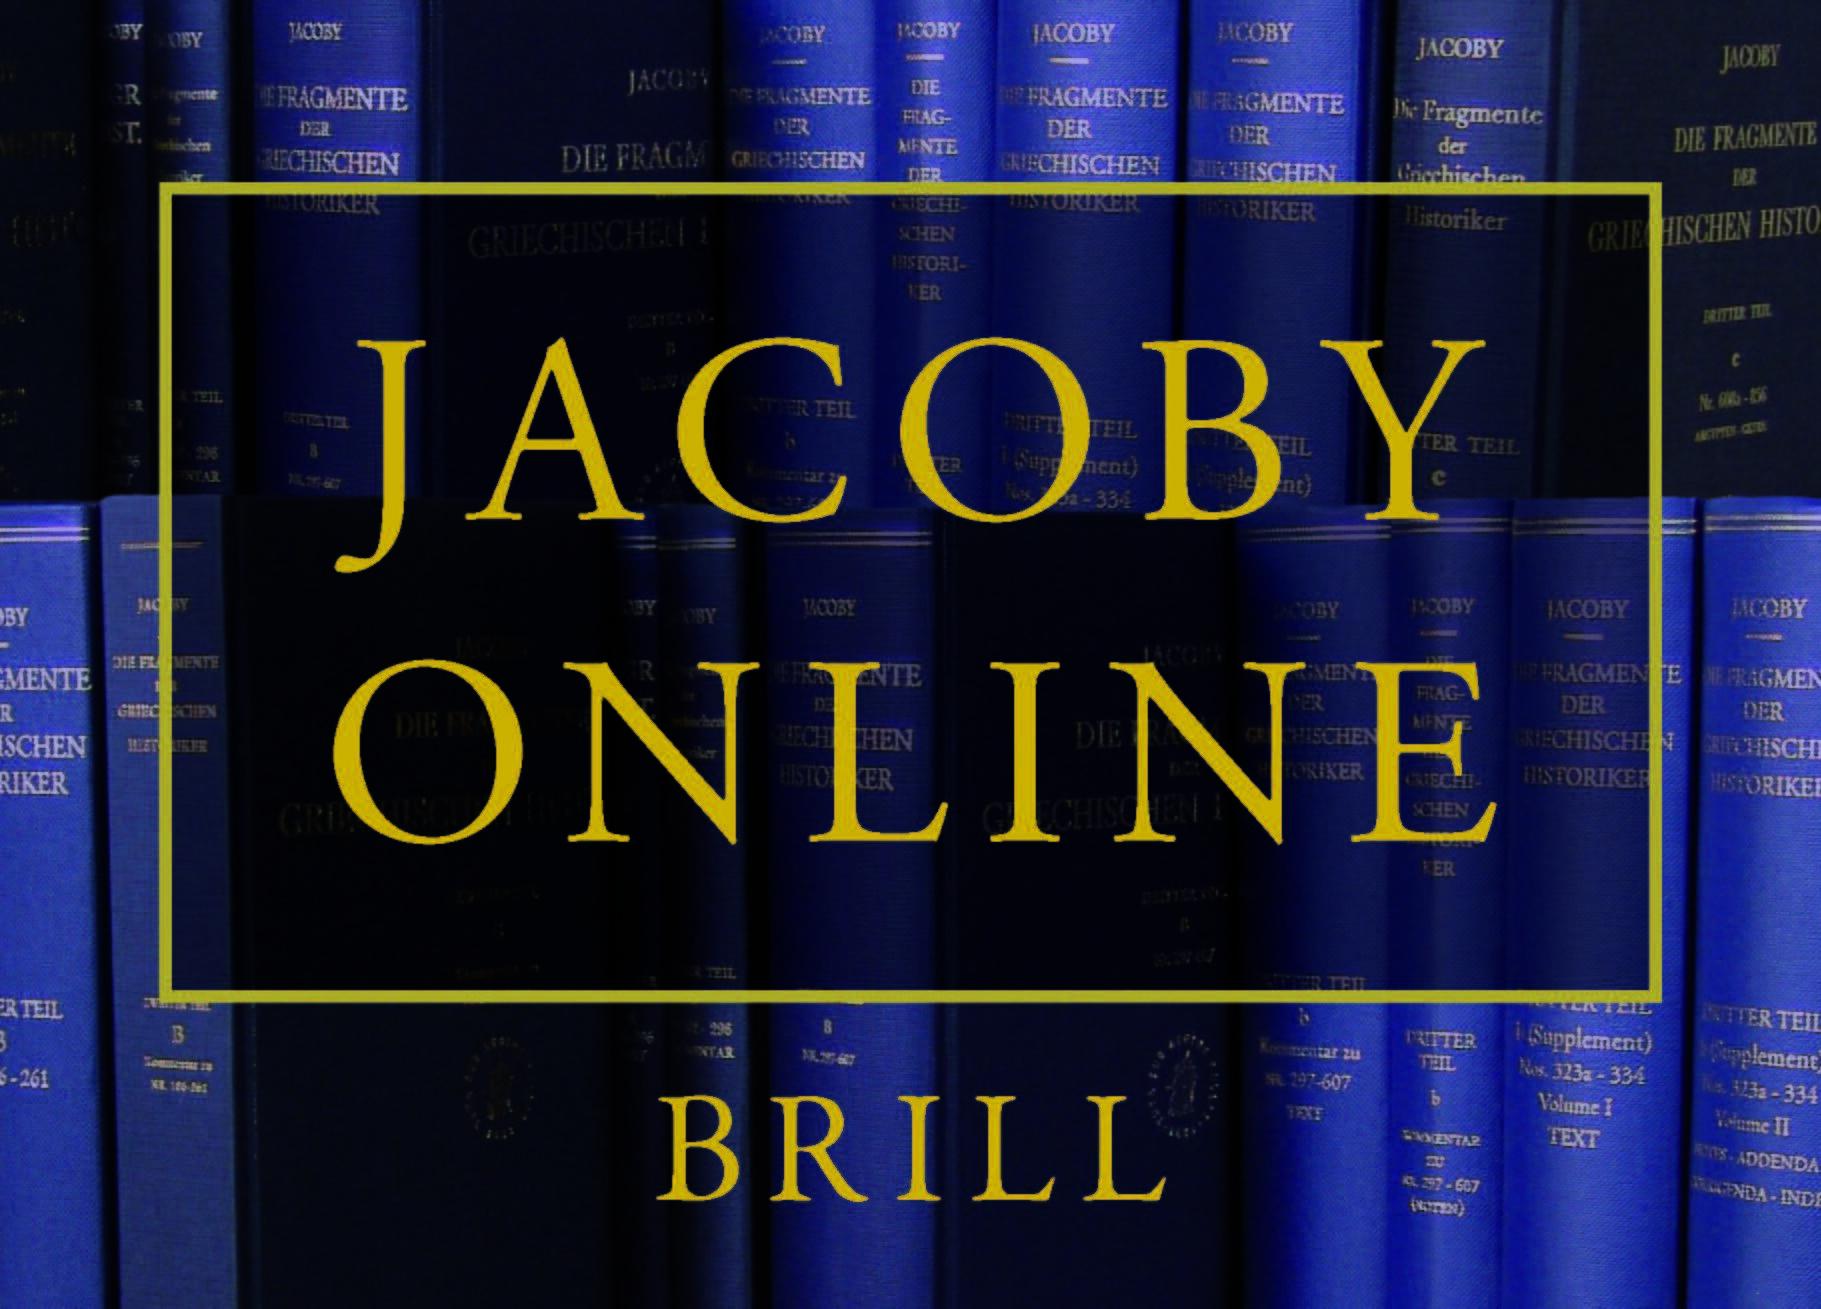 Fragmente der griechischen historiker online dating